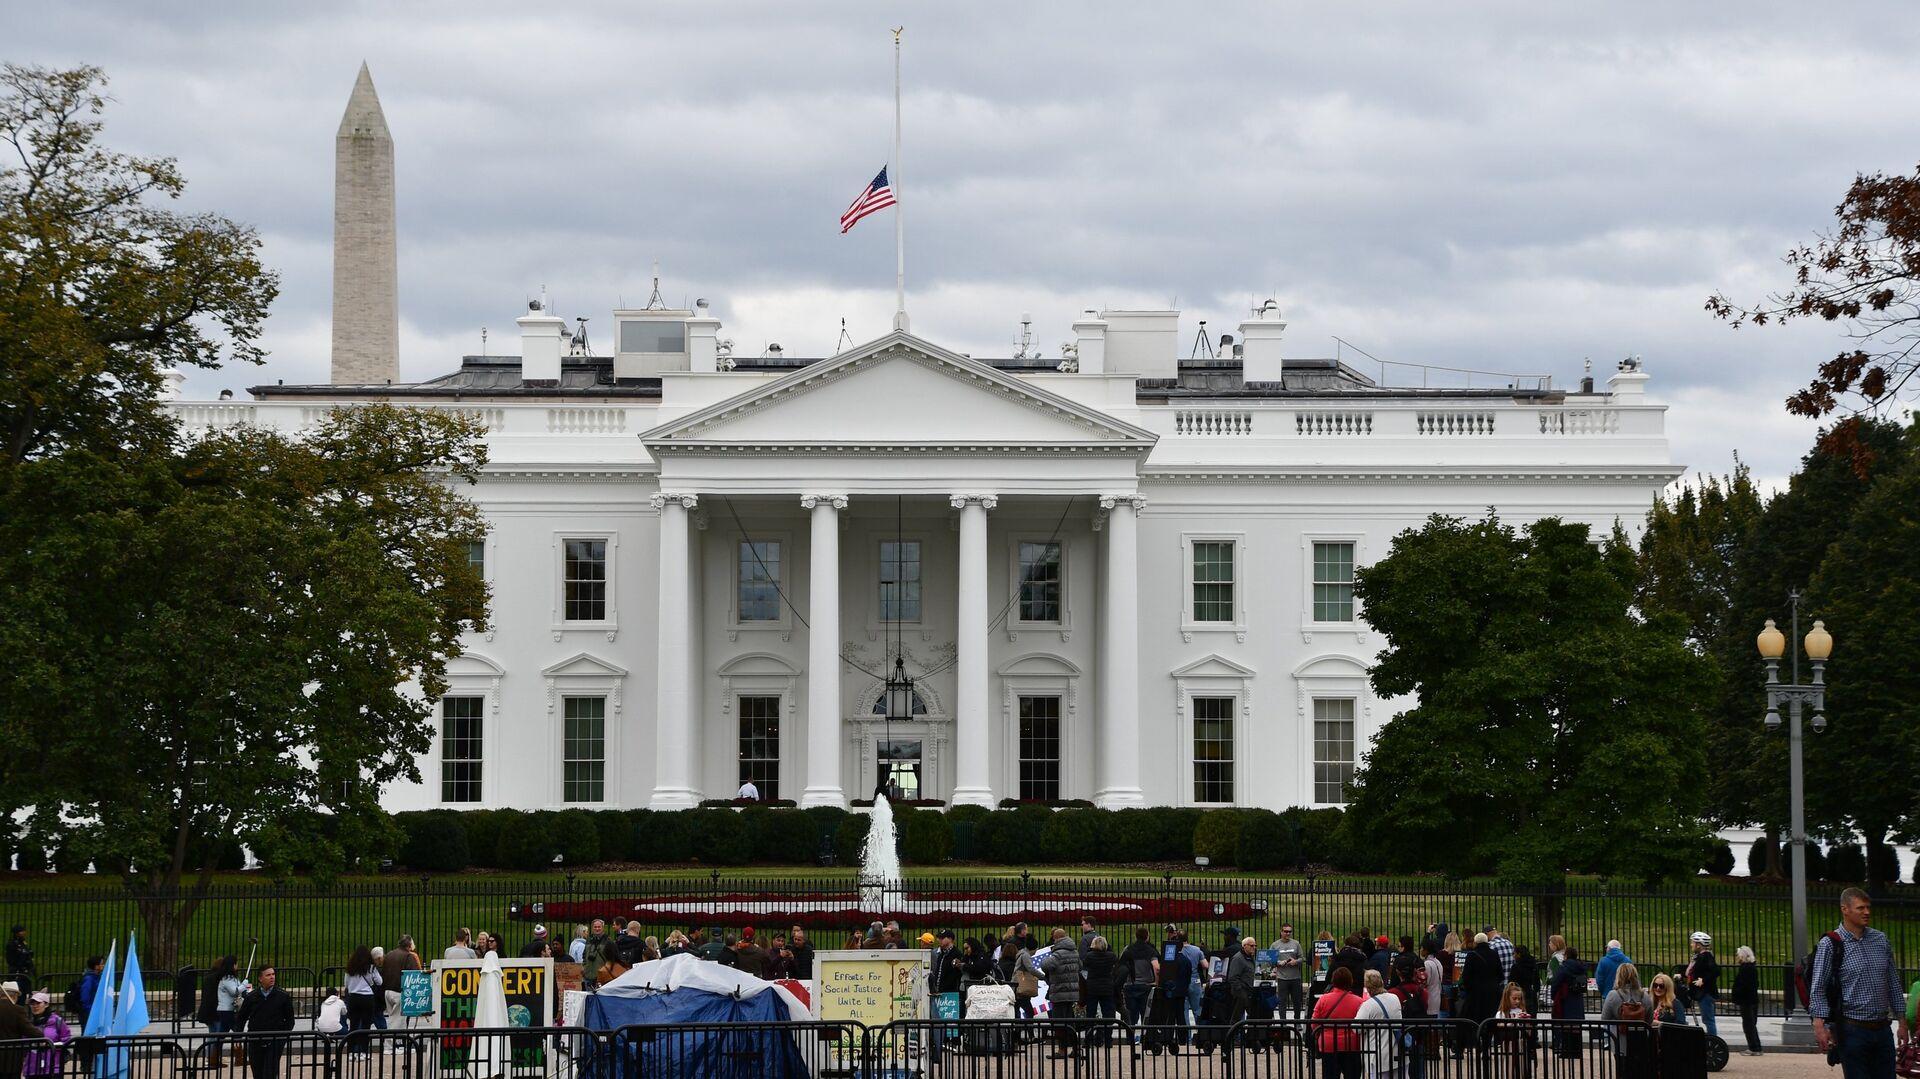 Белый дом в Вашингтоне, официальная резиденция президента США - РИА Новости, 1920, 21.02.2021